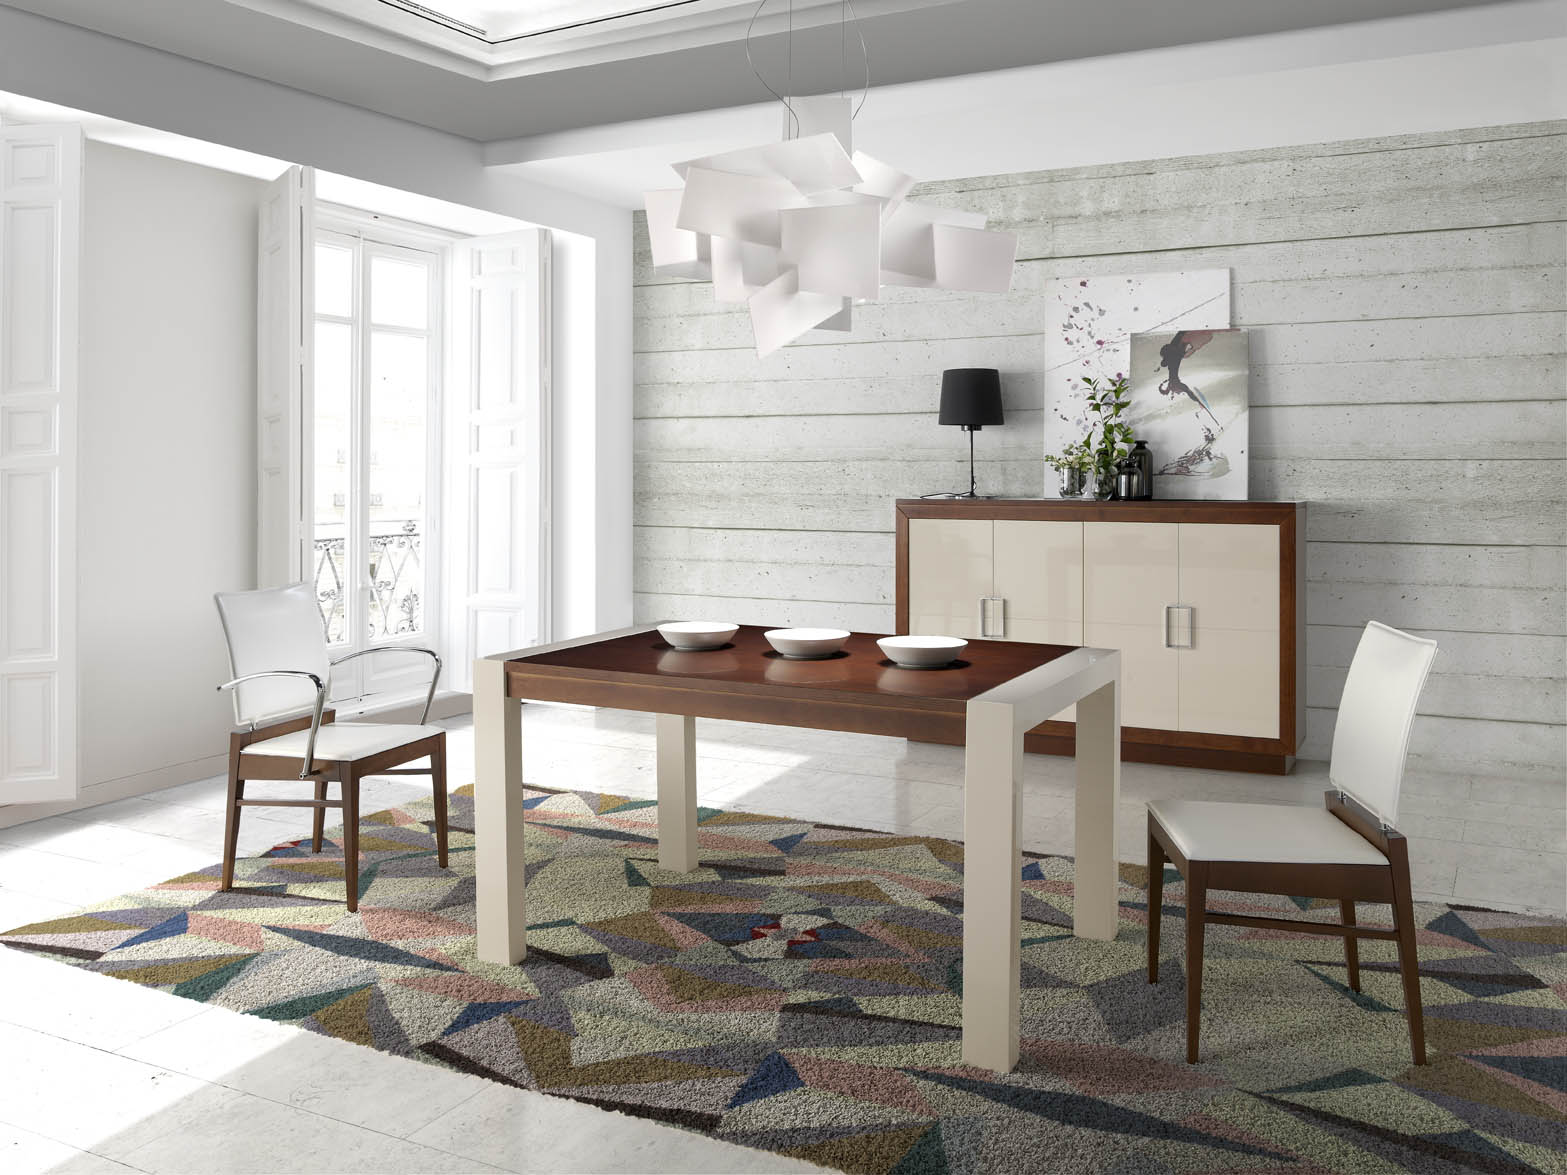 Muebles, mesas y sillas